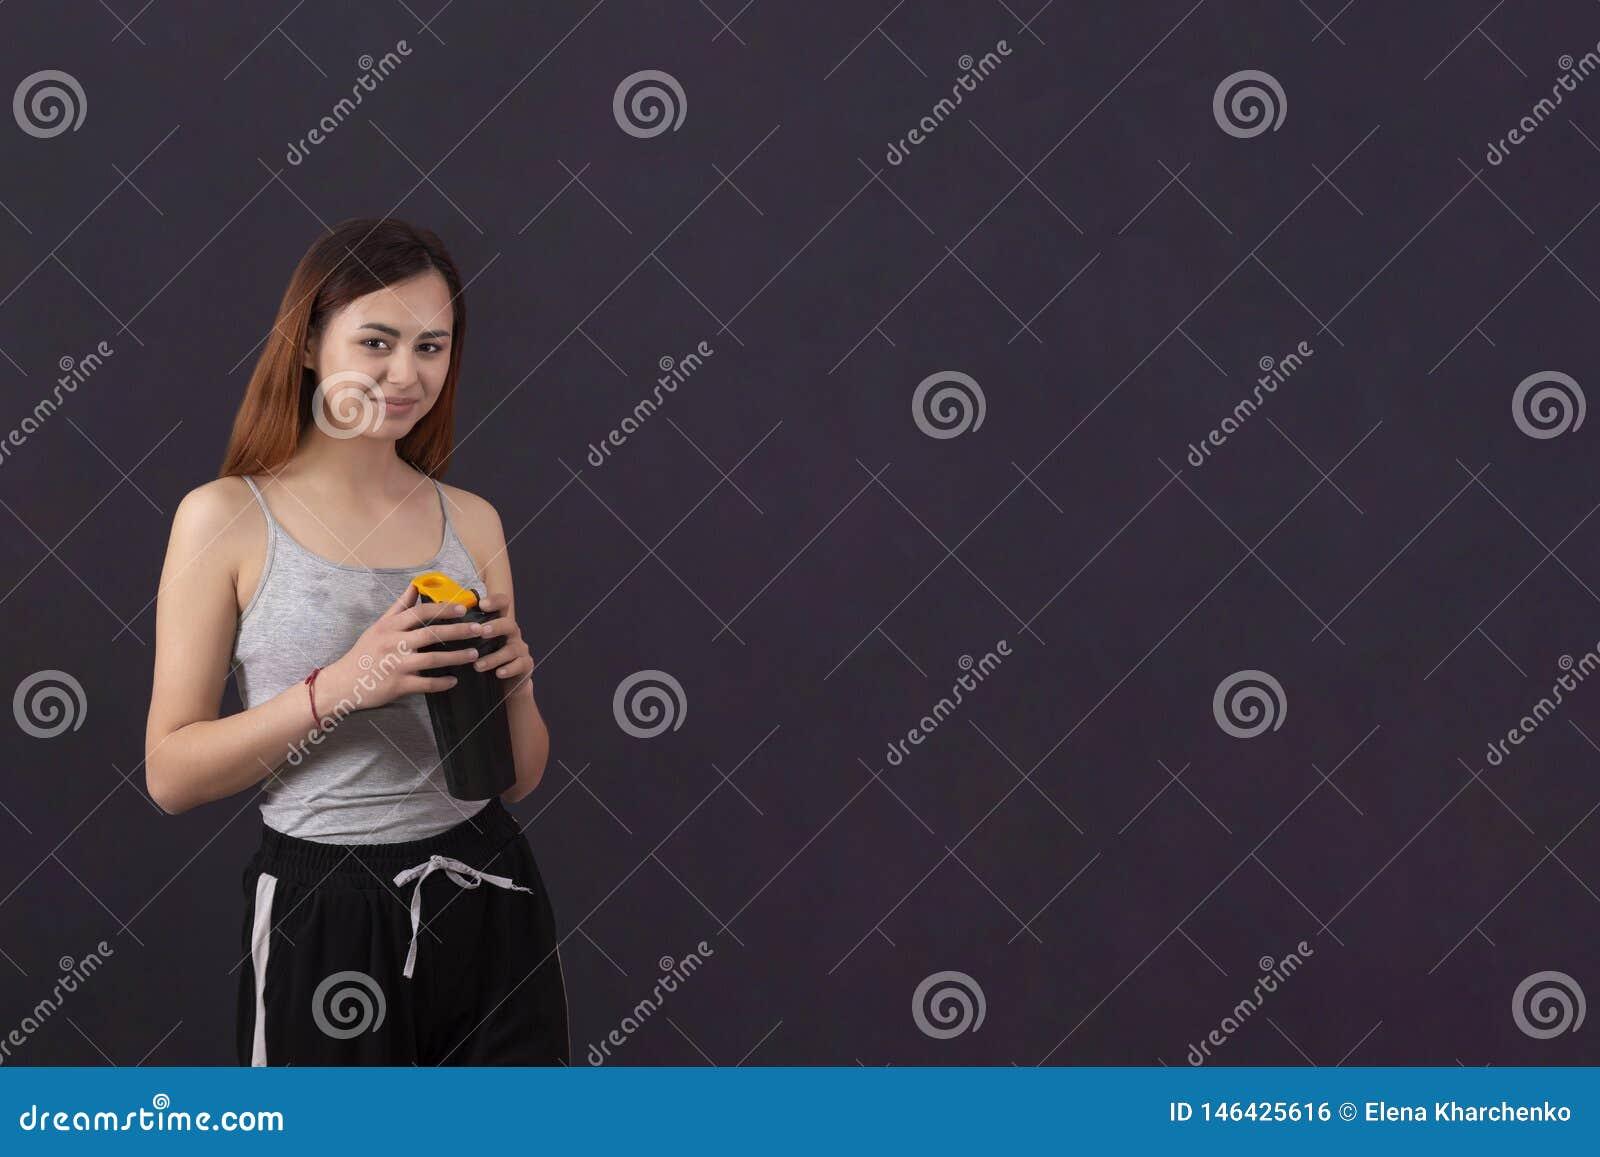 Αθλητικό κορίτσι μετά από τα αθλητικά ποτά παιχνιδιού από έναν δονητή με ένα υγρό πουκάμισο από τον ιδρώτα copyspace